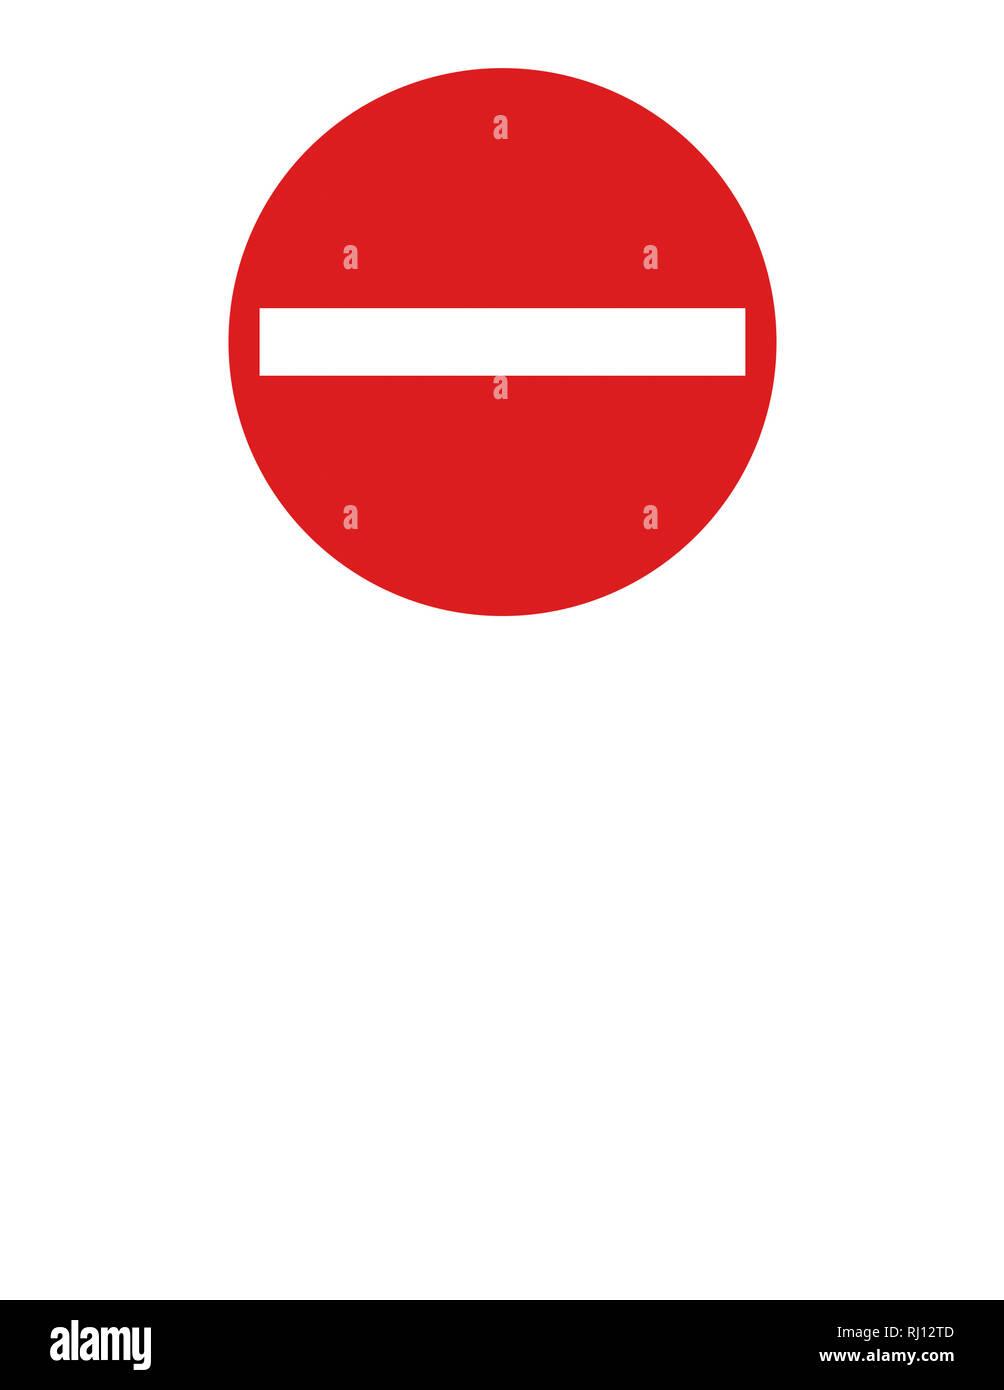 Do not enter icon isolated on white background - Stock Image